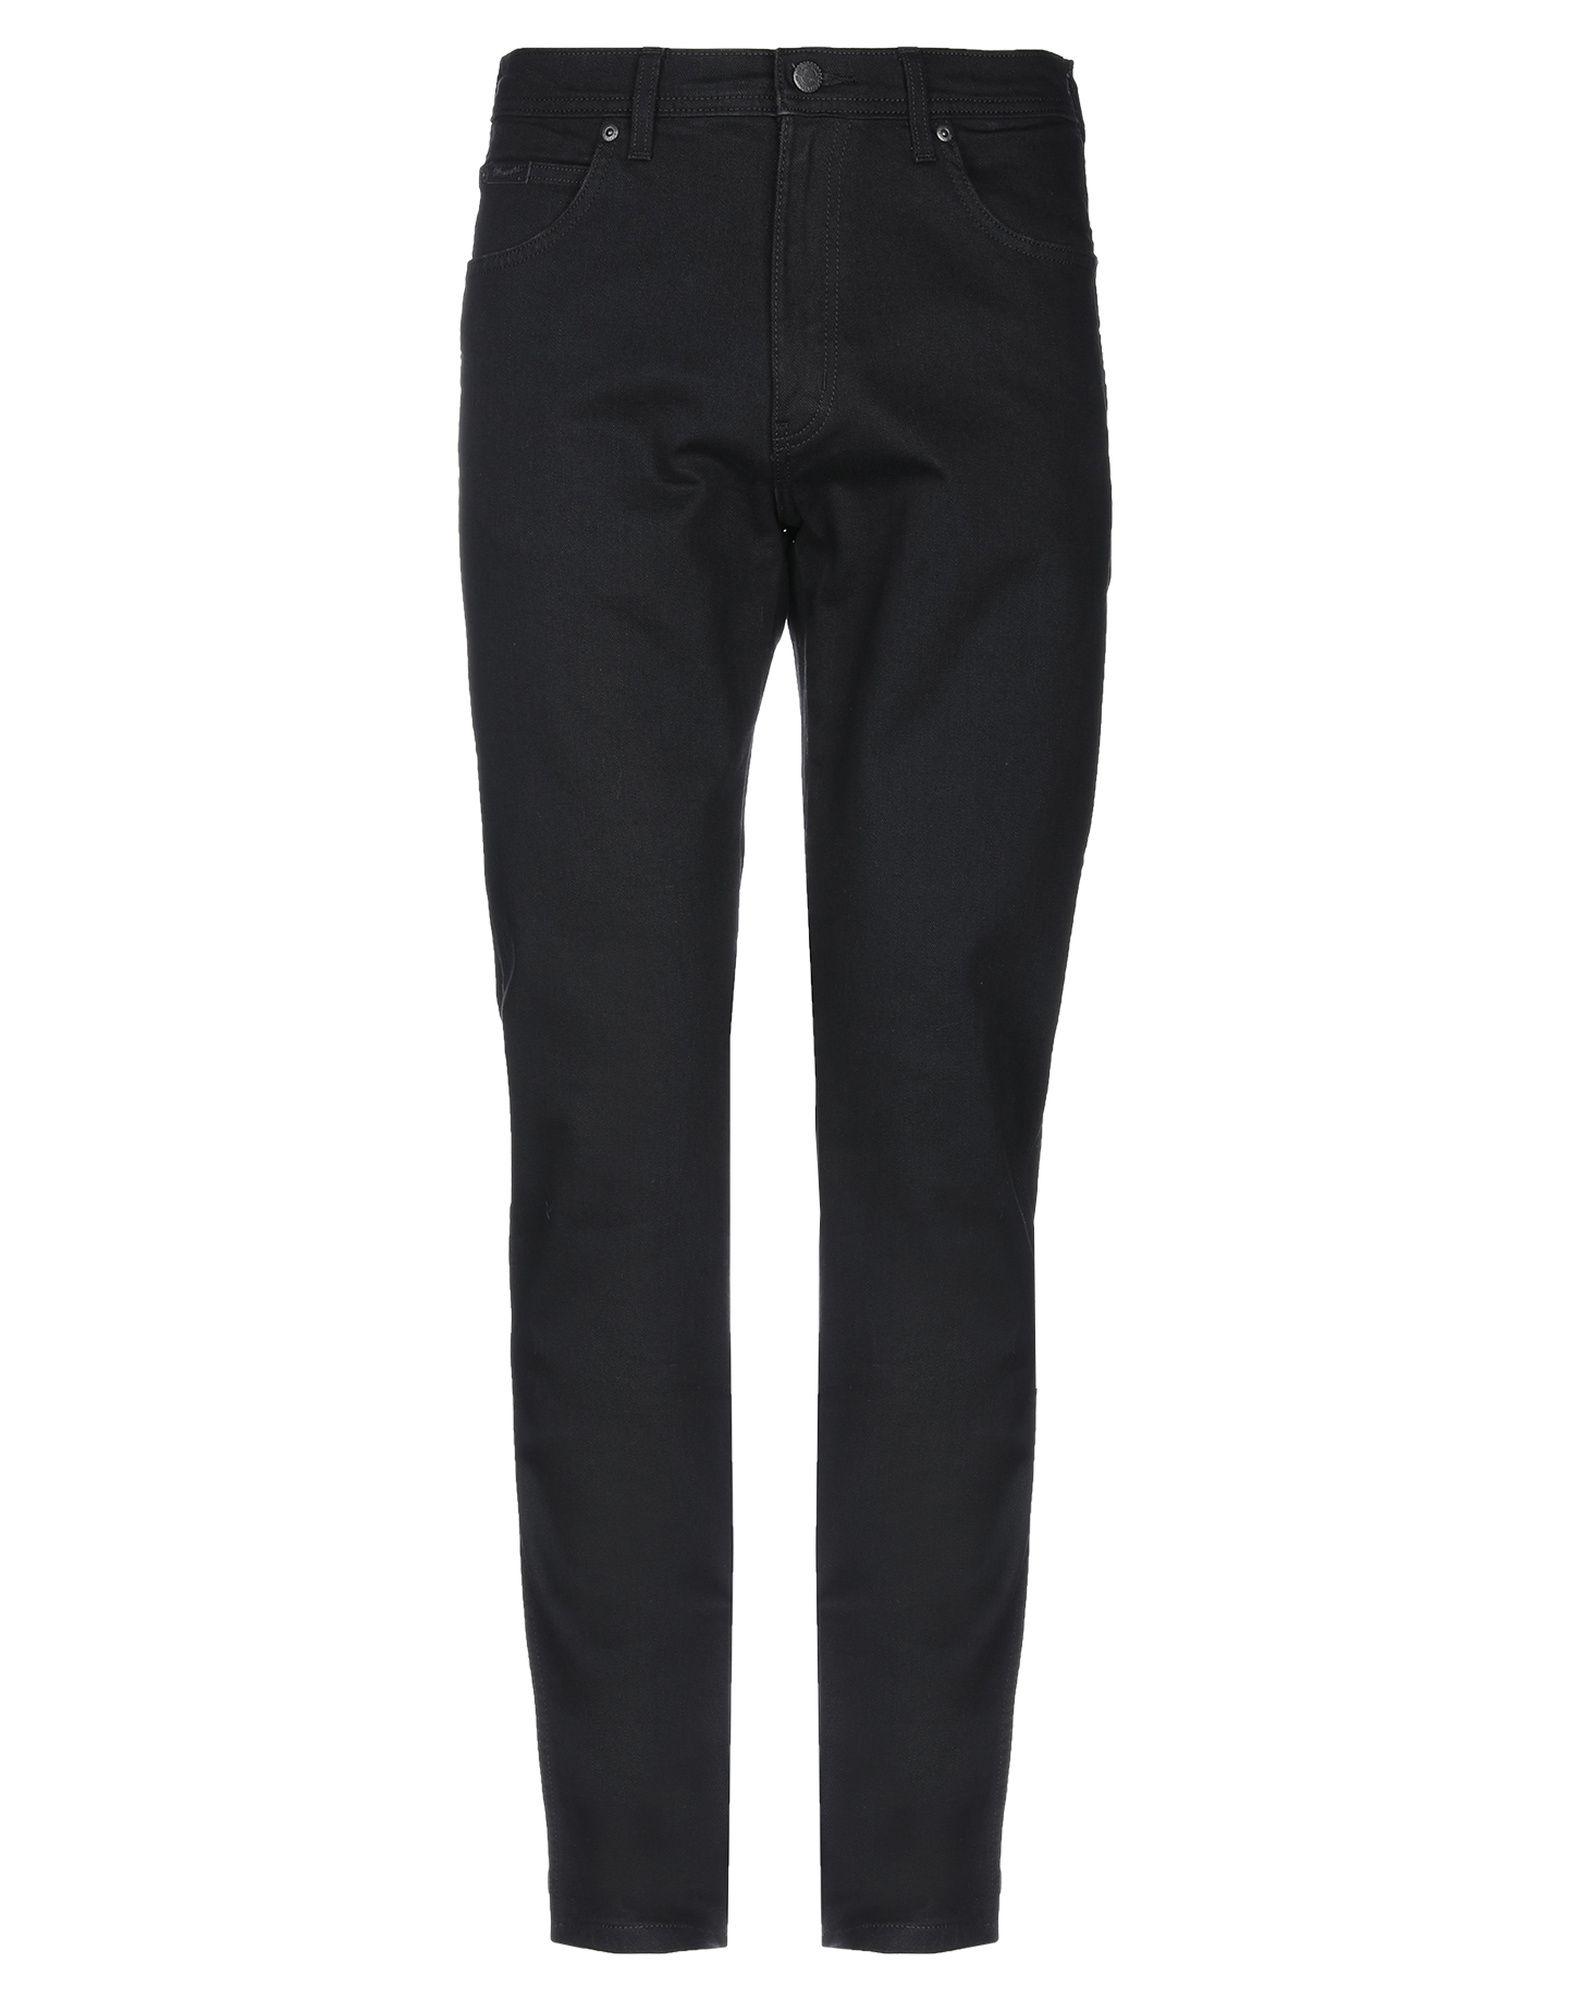 купить WRANGLER Джинсовые брюки по цене 3650 рублей